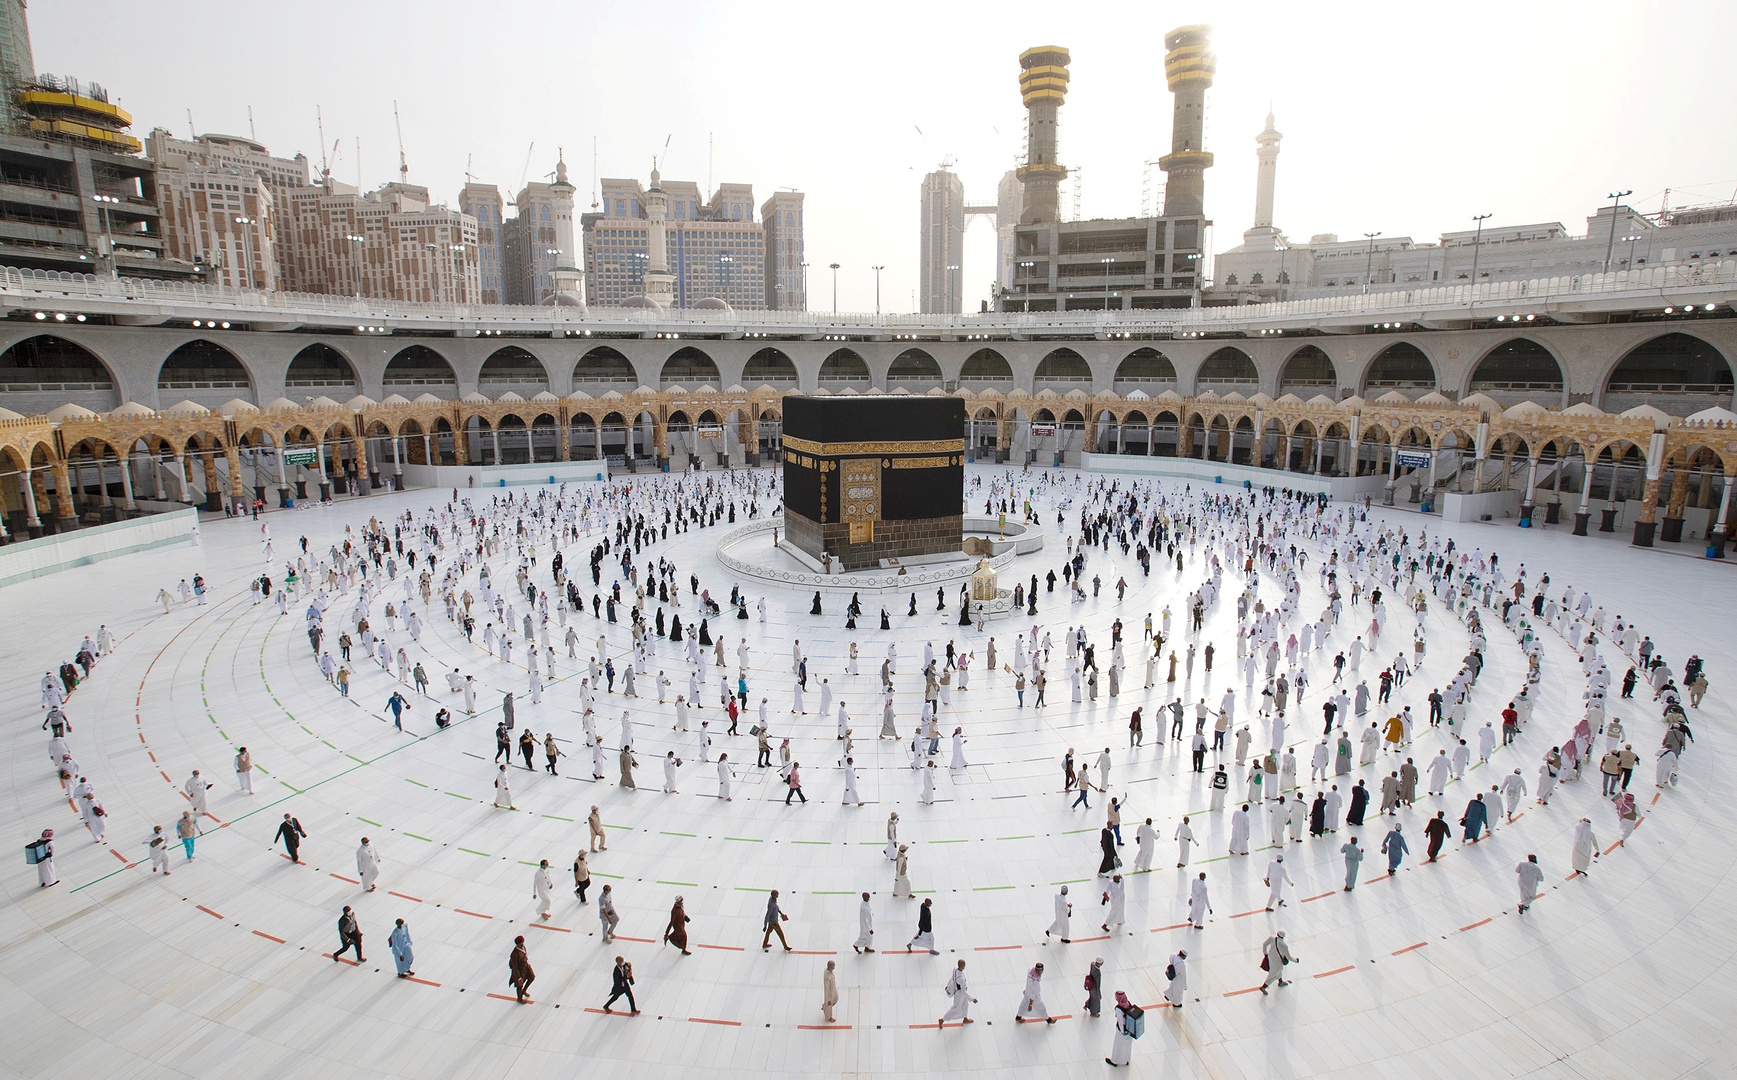 السعودية..الانتهاء من صيانة أبواب المسجد الحرام استعدادا لموسم حج هذا العام (صور)